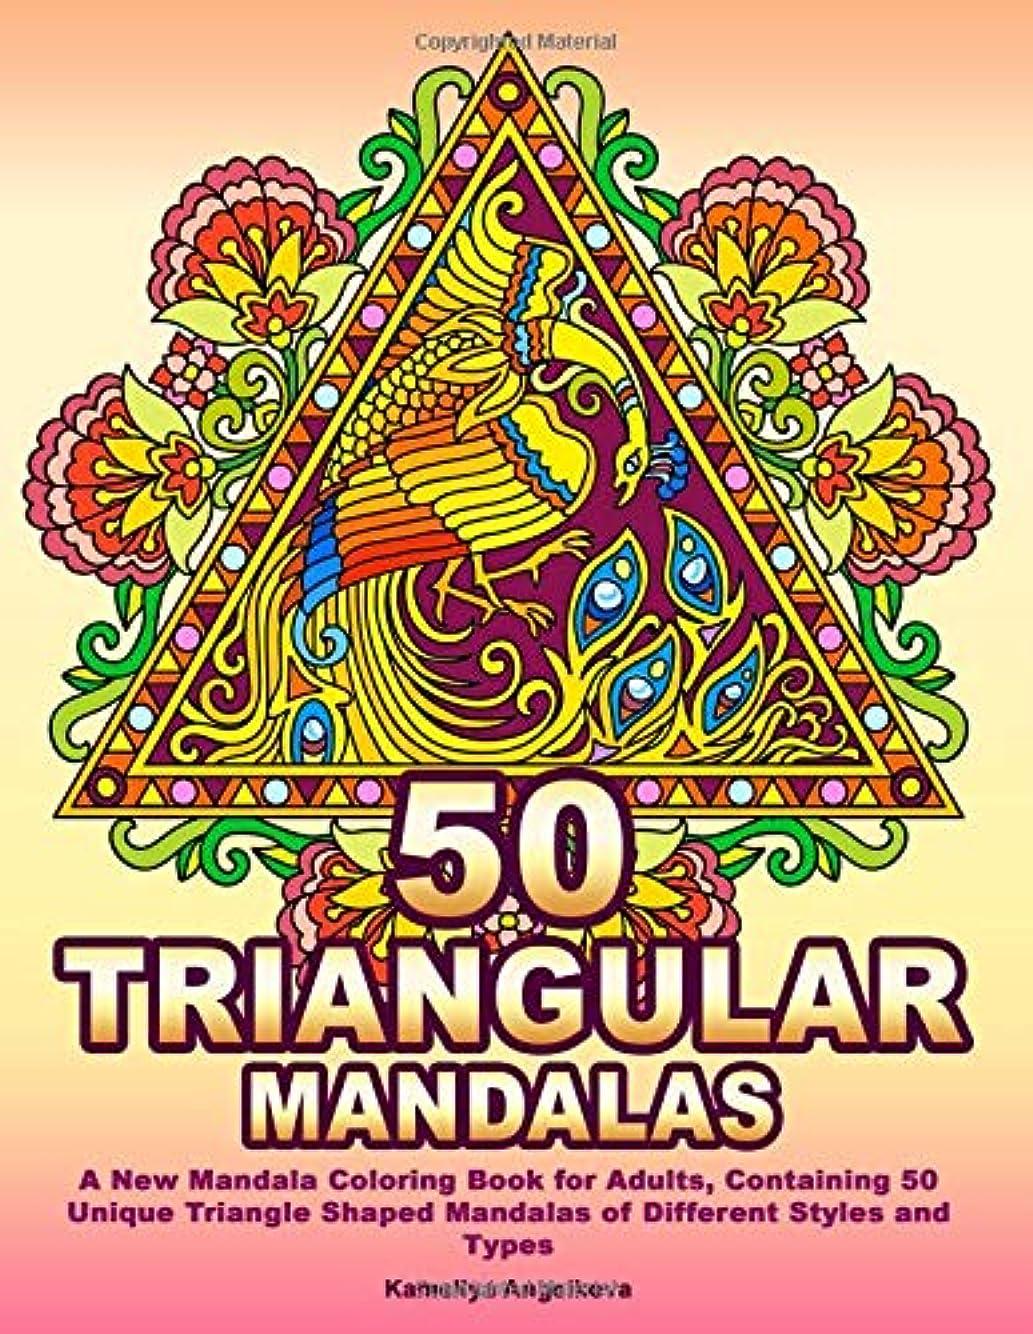 災害最近カセット50 TRIANGULAR MANDALAS: A New Mandala Coloring Book for Adults, Containing 50 Unique Triangle Shaped Mandalas of Different Styles and Types